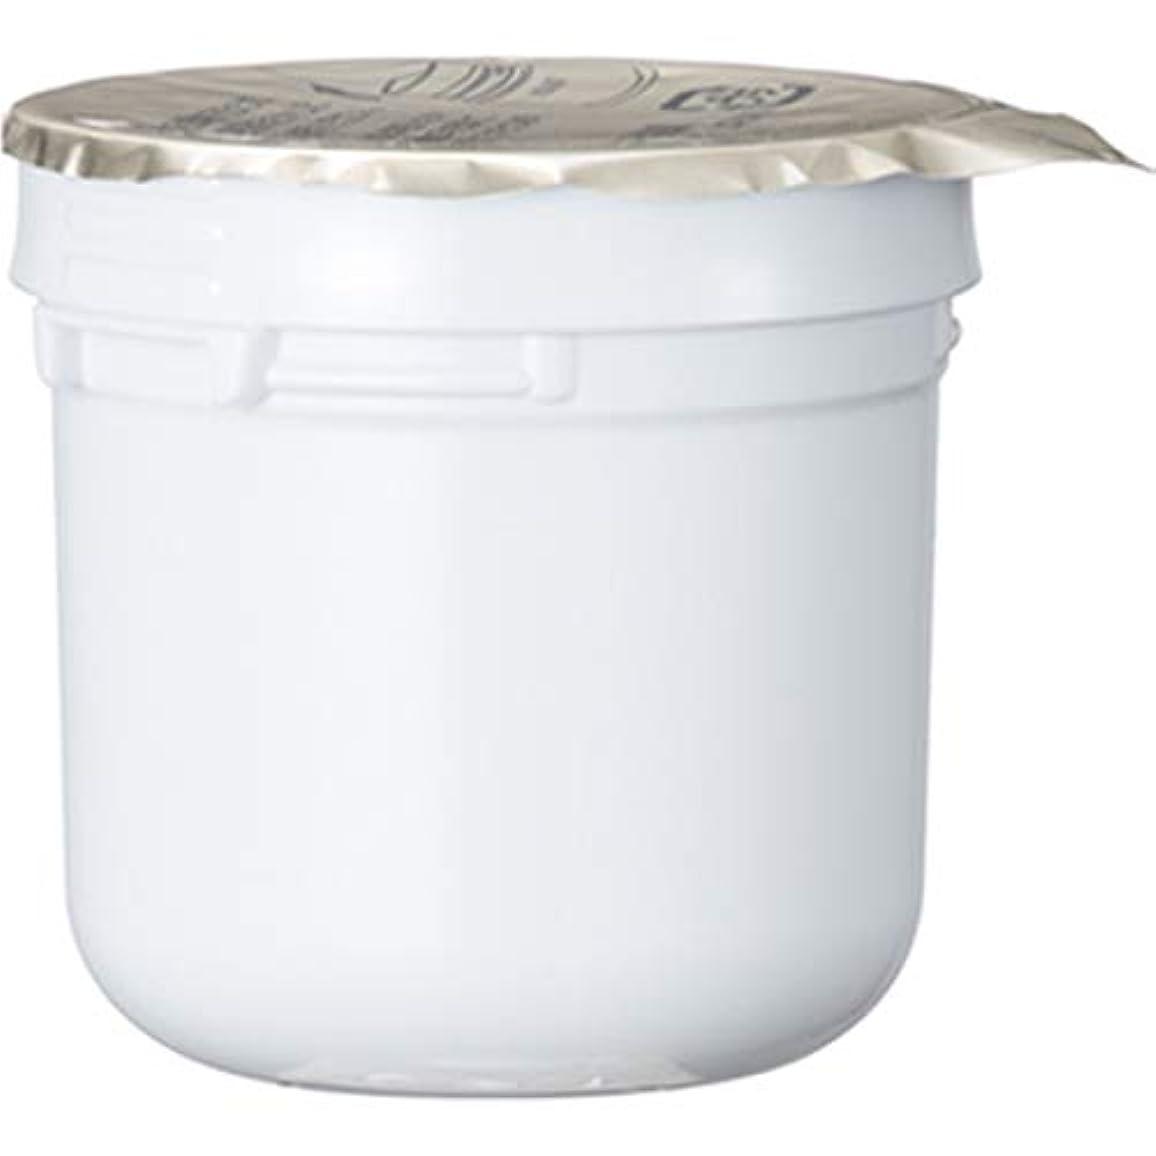 採用パトロール没頭するASTALIFT(アスタリフト) ホワイト クリーム(美白クリーム)レフィル 30g [並行輸入品]